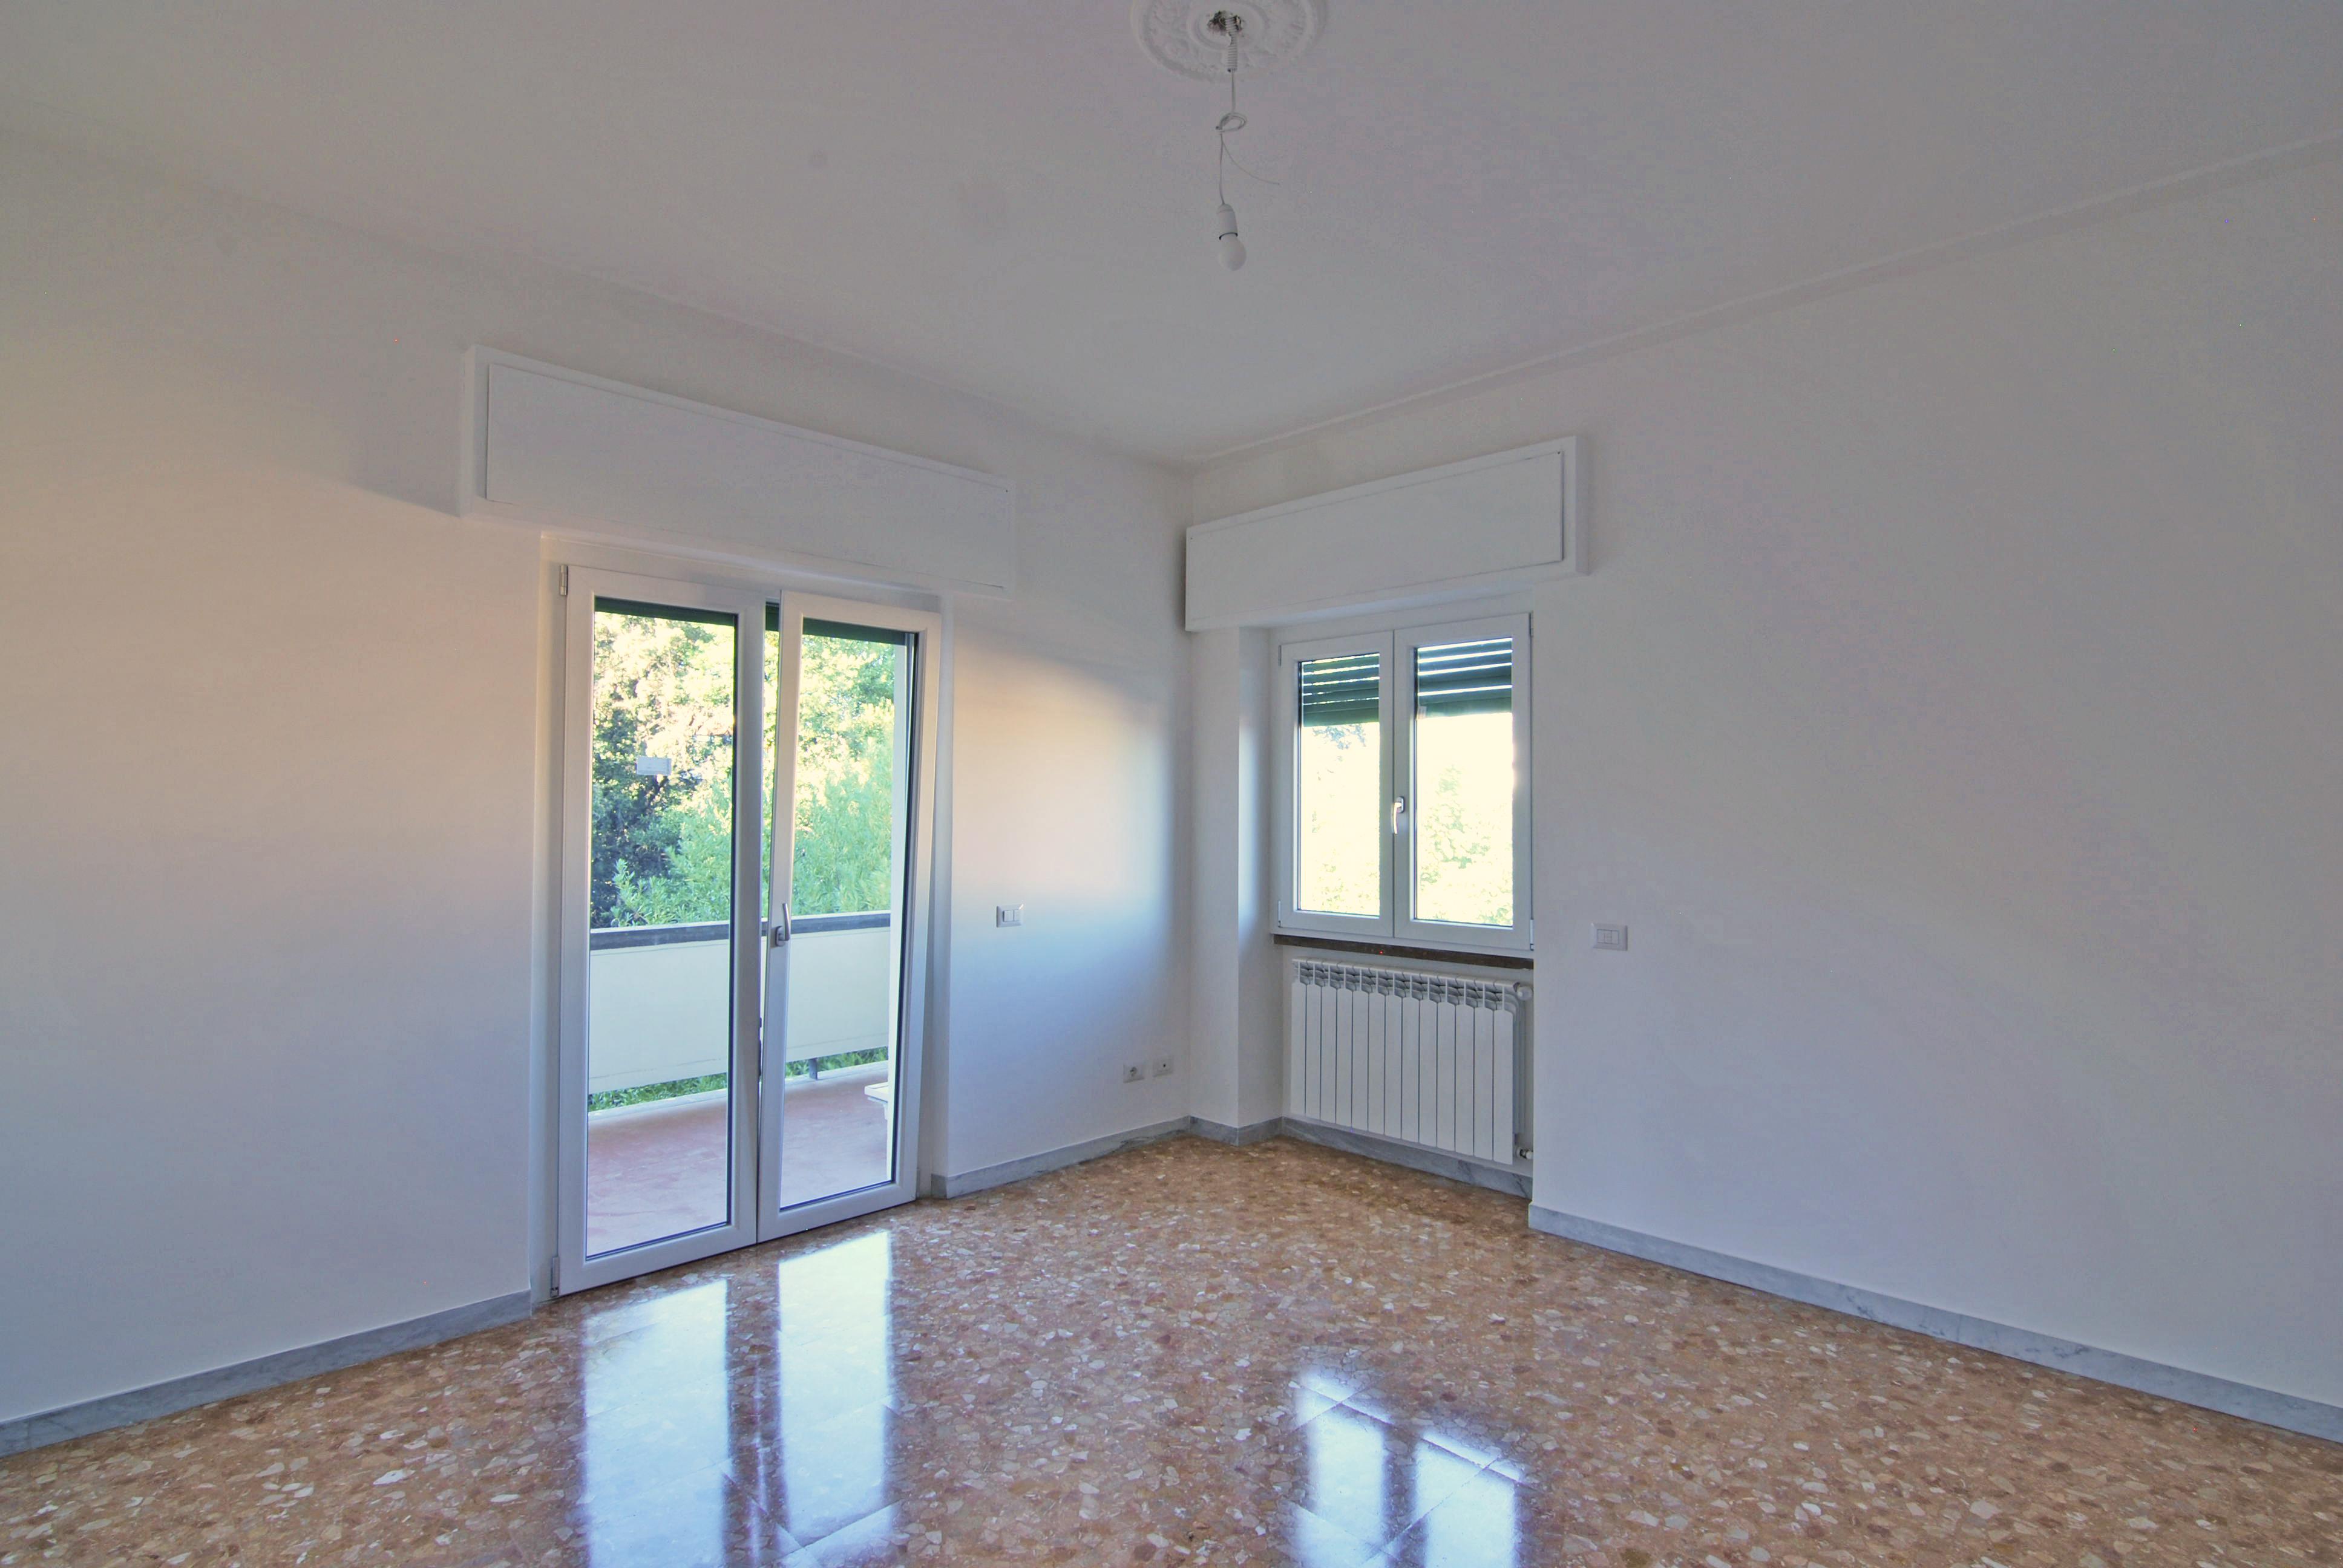 Immagine del cantiere - la camera